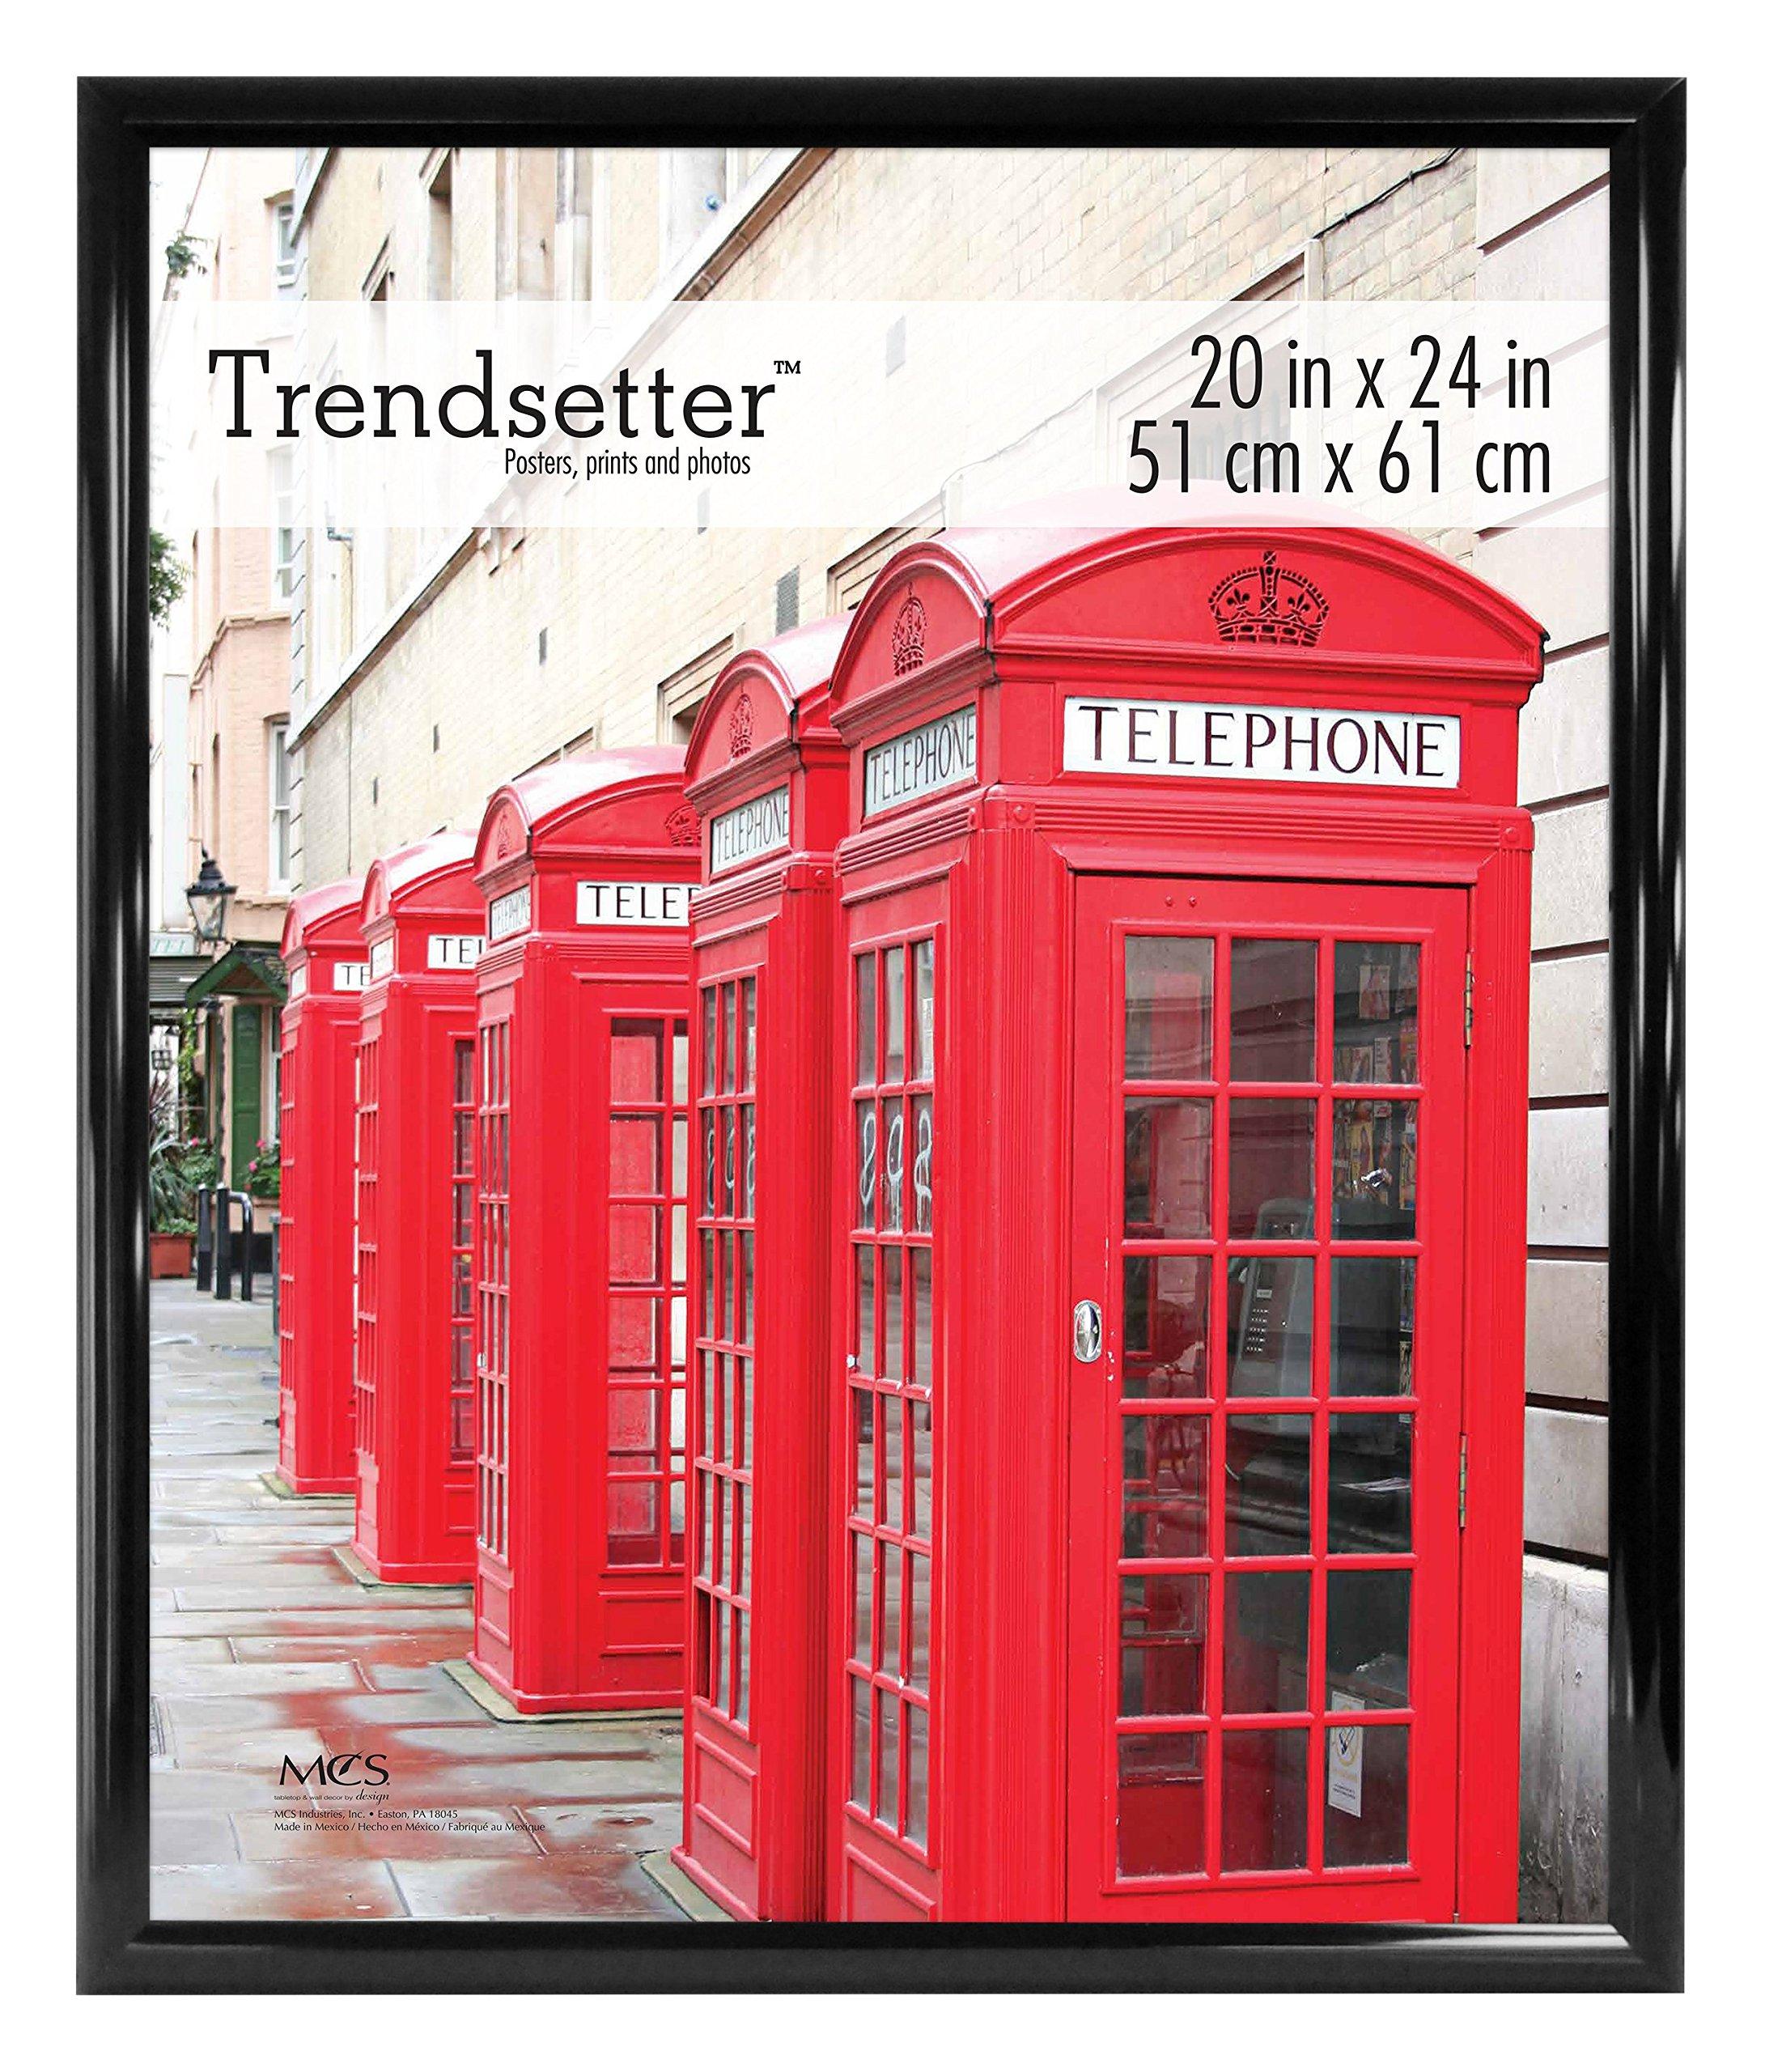 MCS Trendsetter 20x24 Inch Poster Frame, Black (65679) by MCS